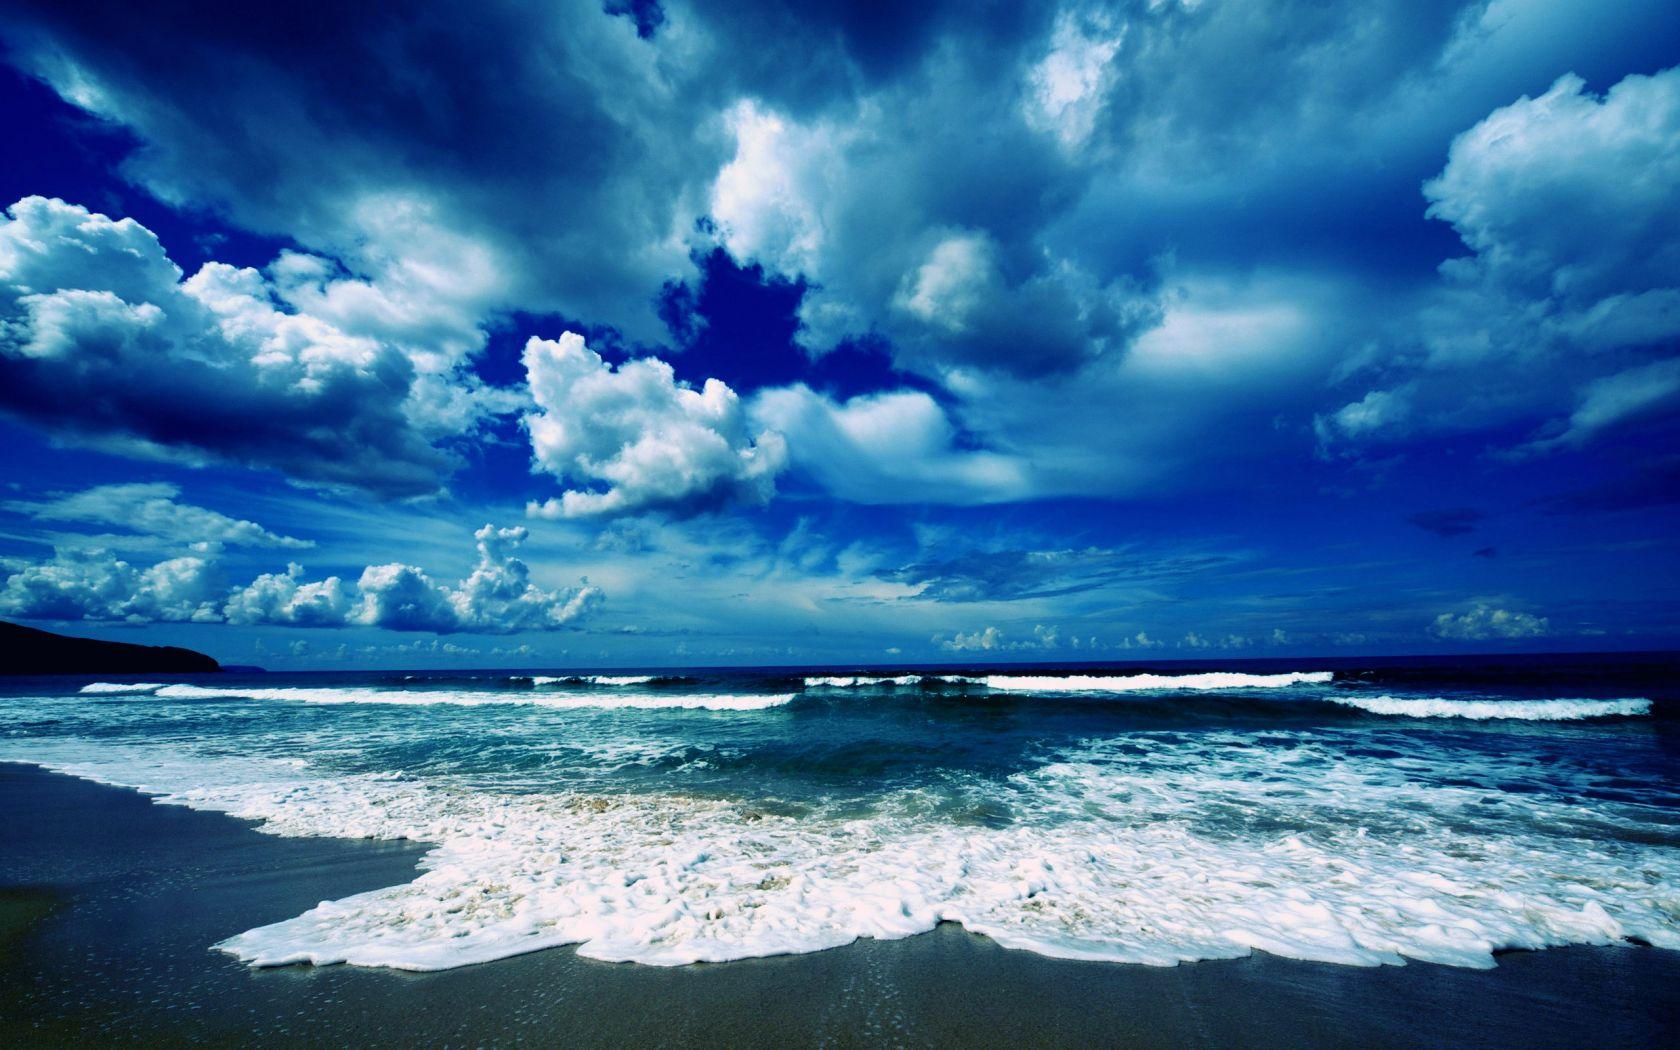 ocean wave wallpaper 32080